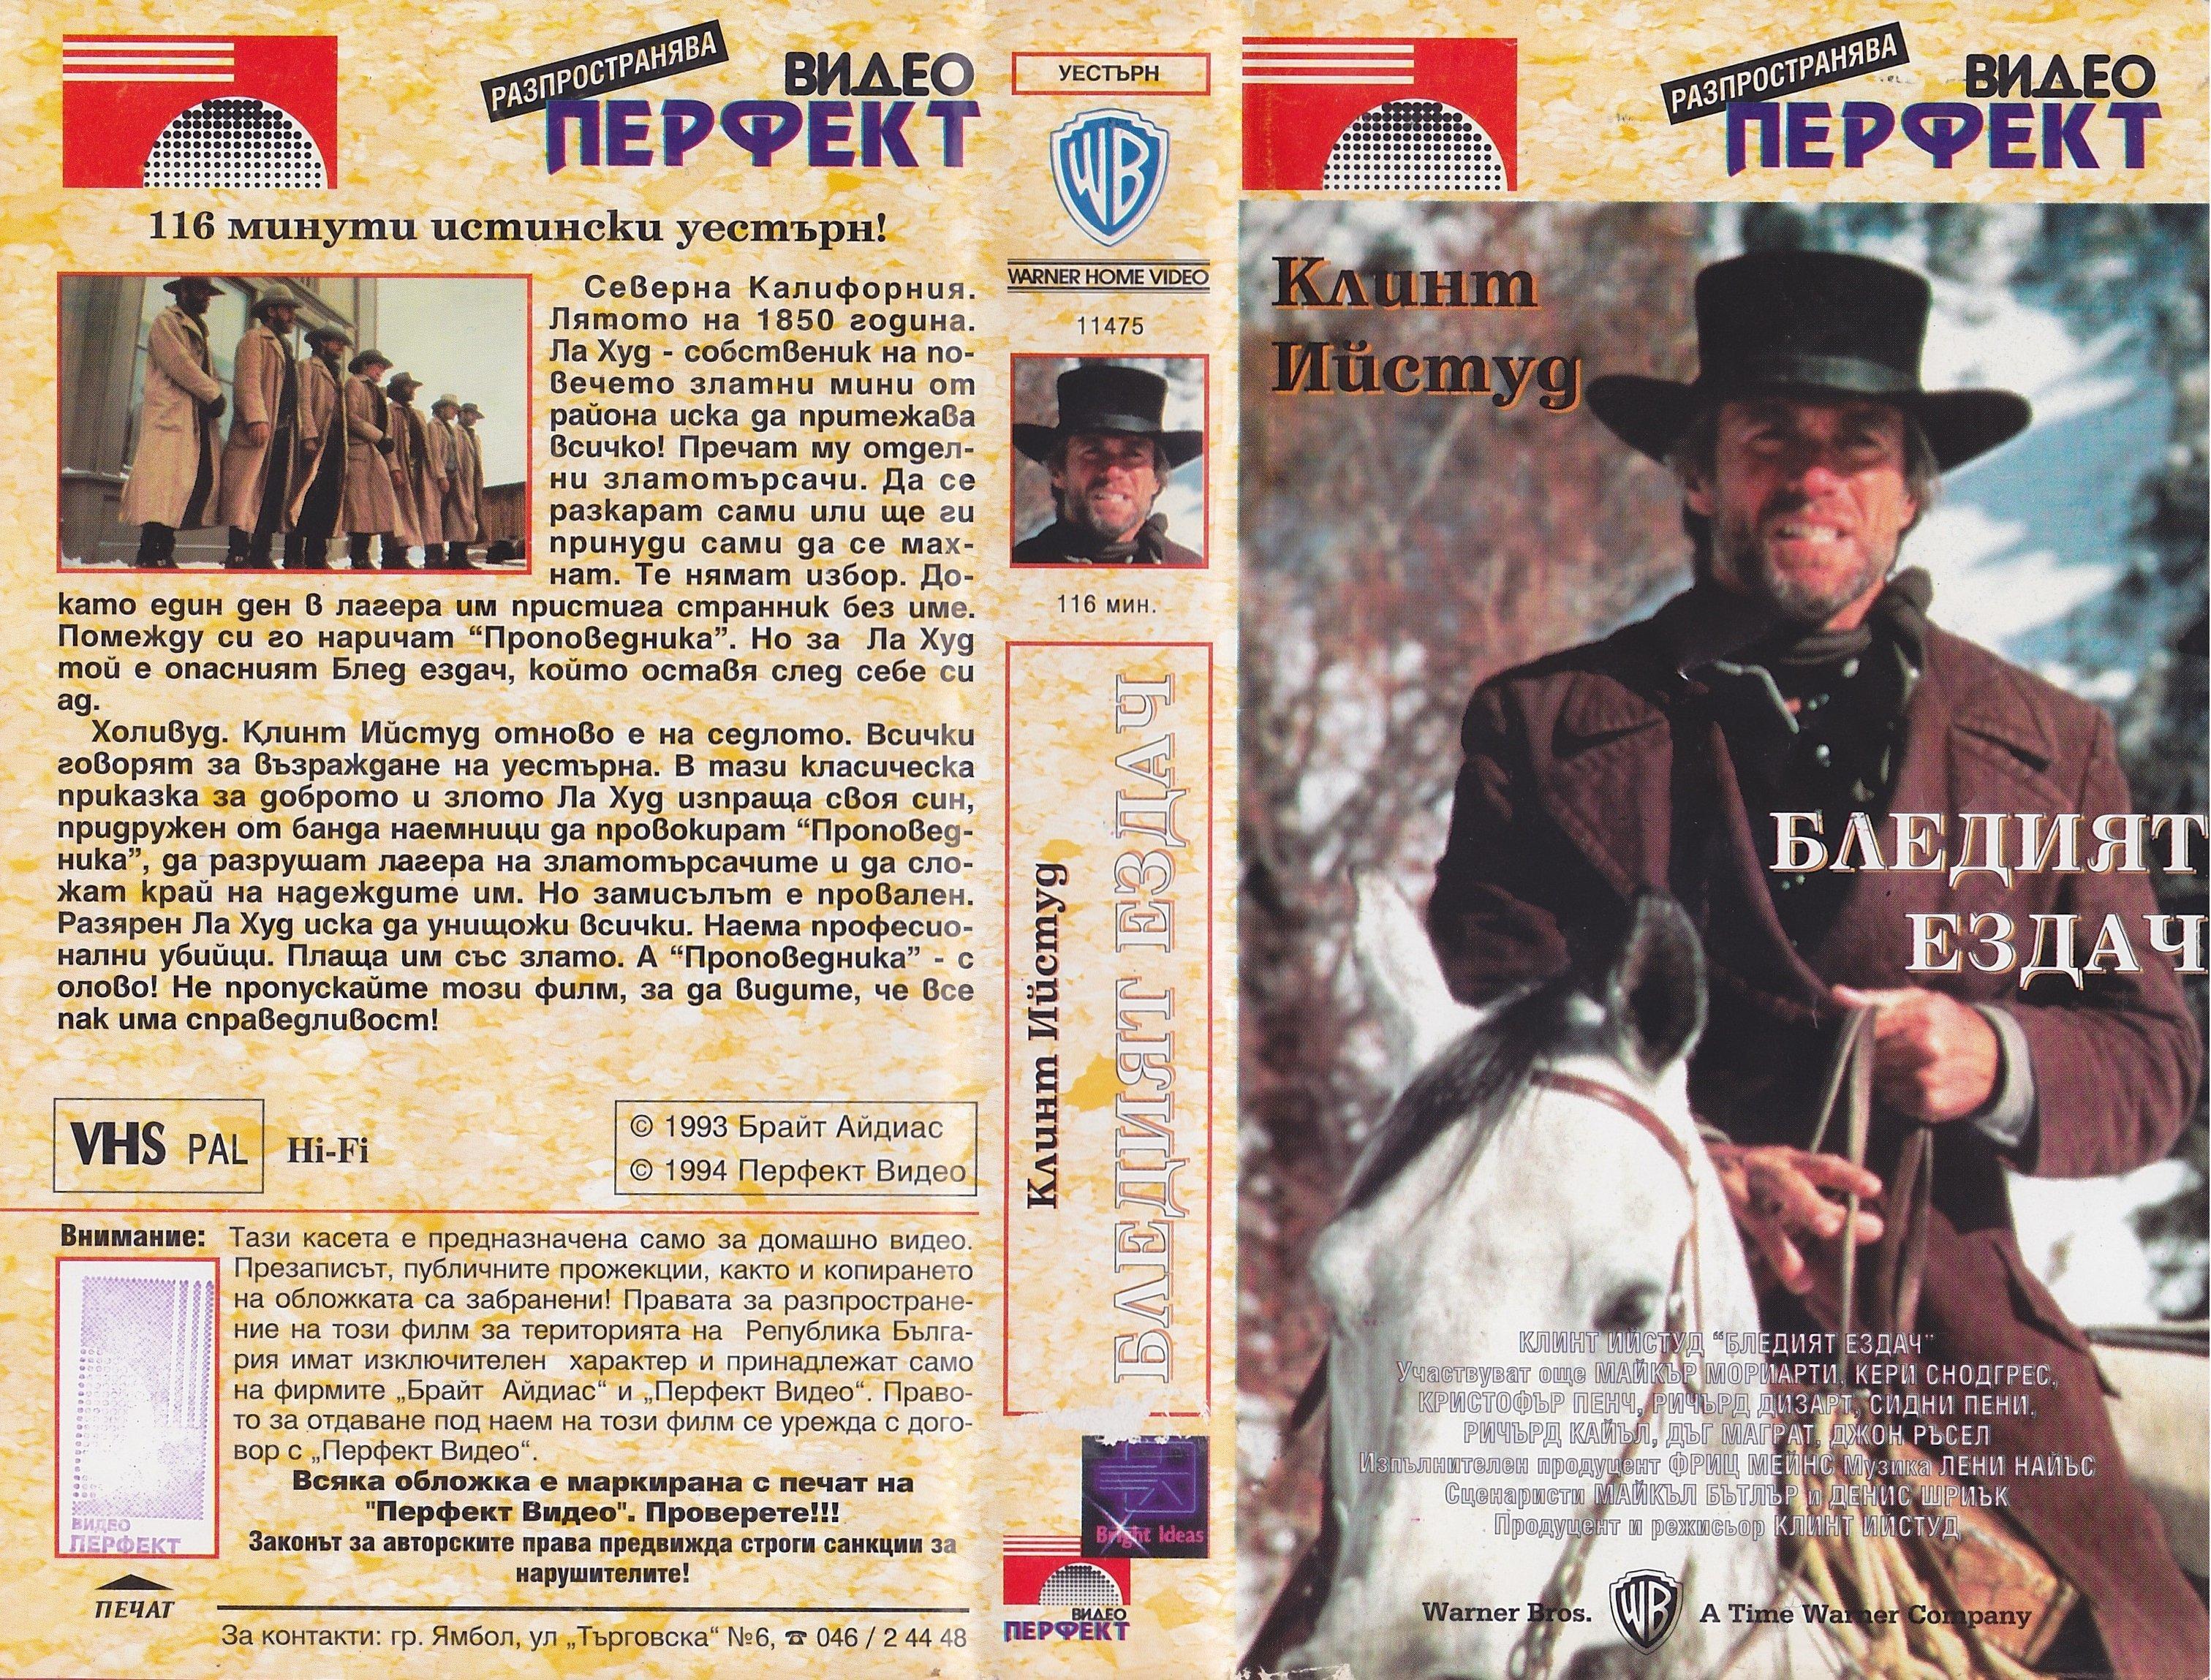 Белият ездач филм постер